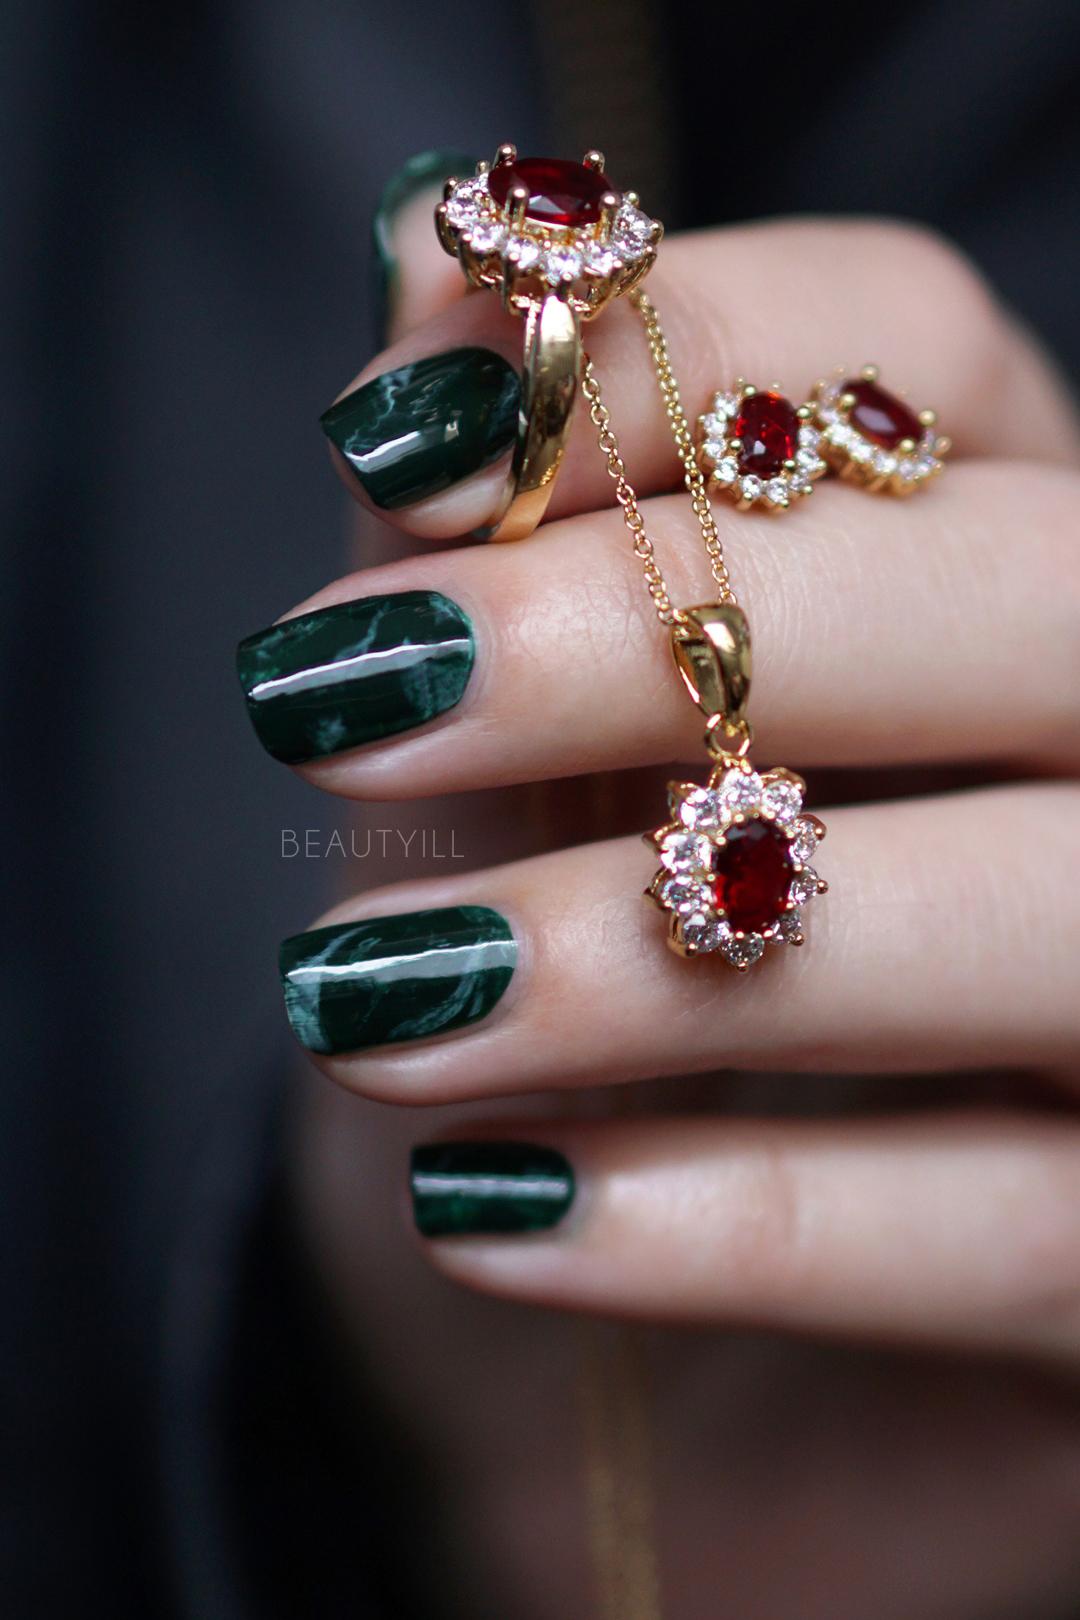 Christmas Green Marble Nailart